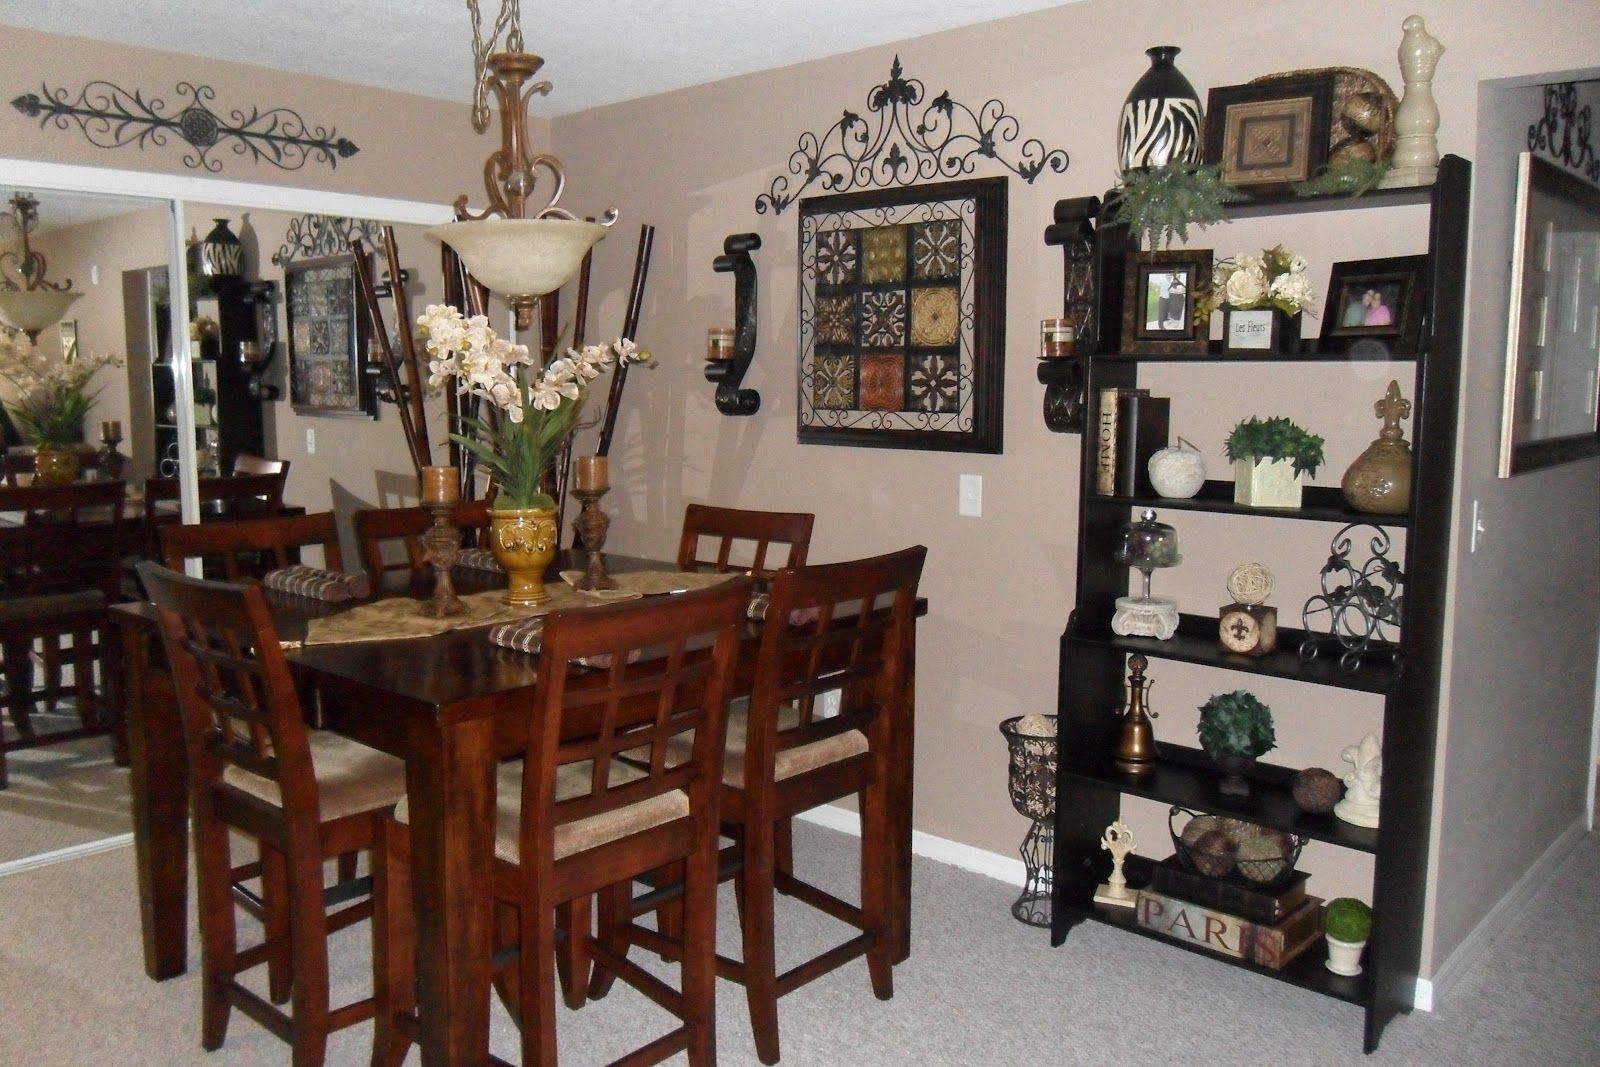 kirklands home decor | Kirkland S Home Decor Ideas ... on Kirkland's Decor Home Accents id=51325